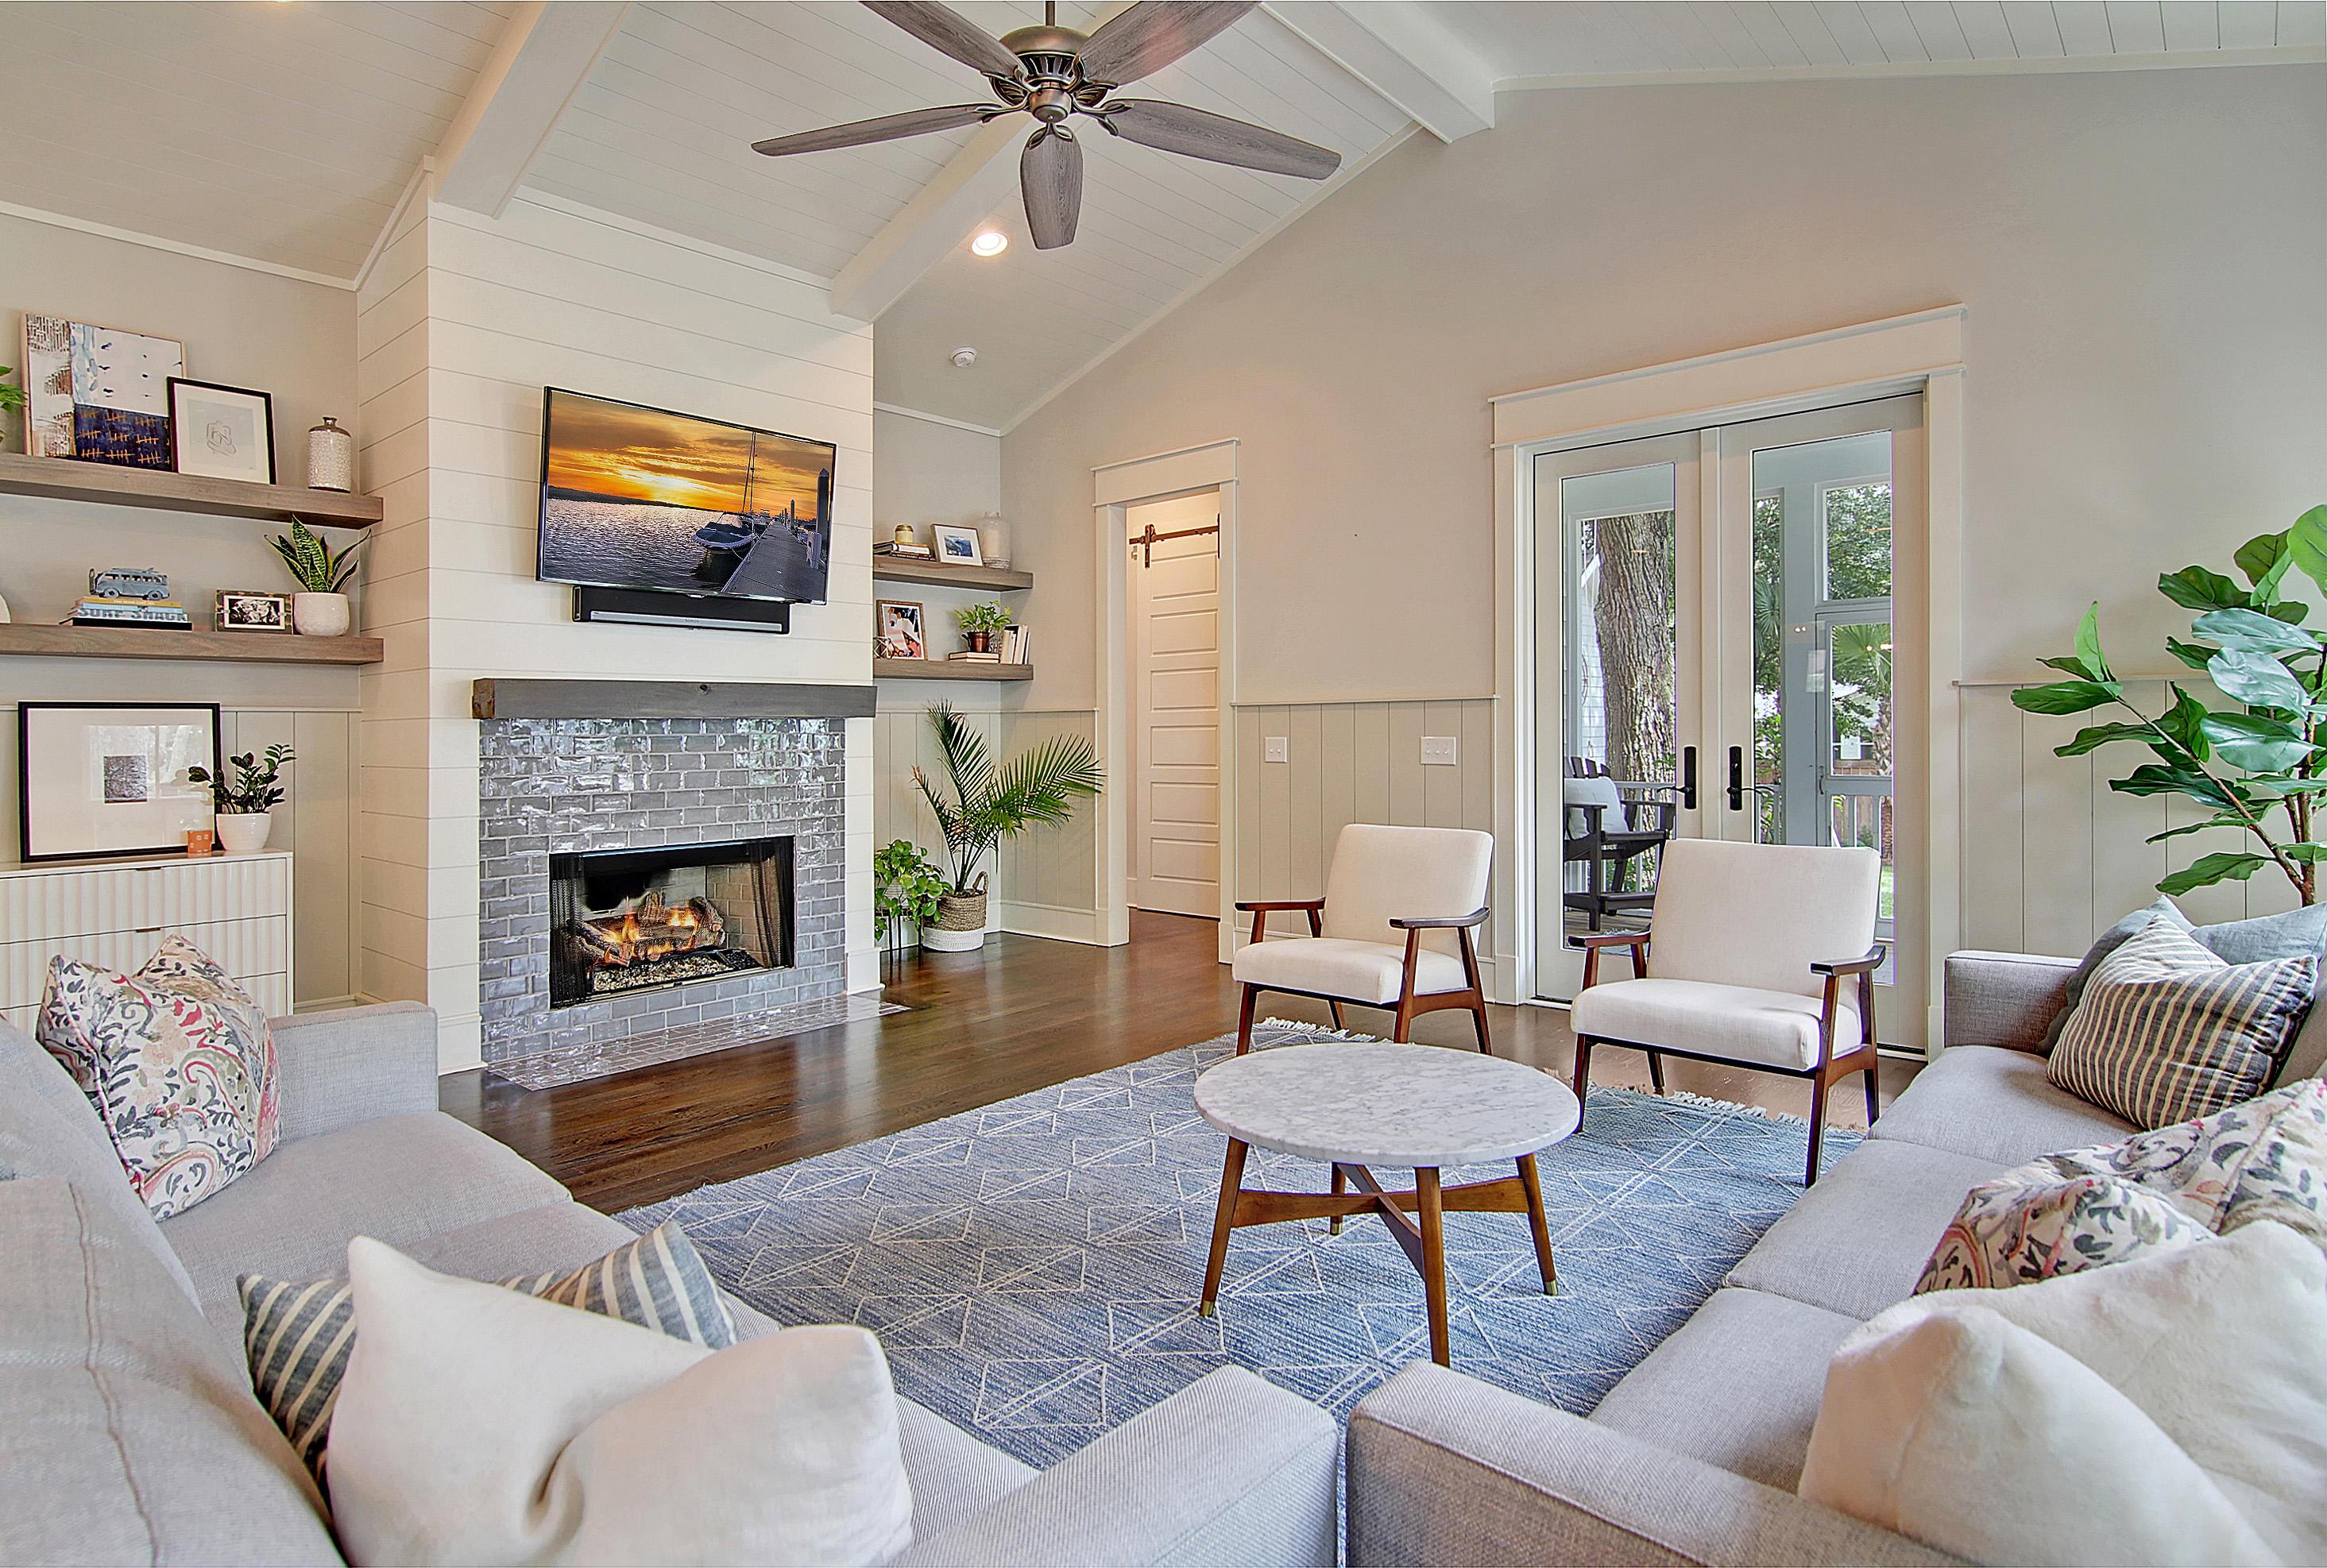 Old Mt Pleasant Homes For Sale - 753 Mccants, Mount Pleasant, SC - 57